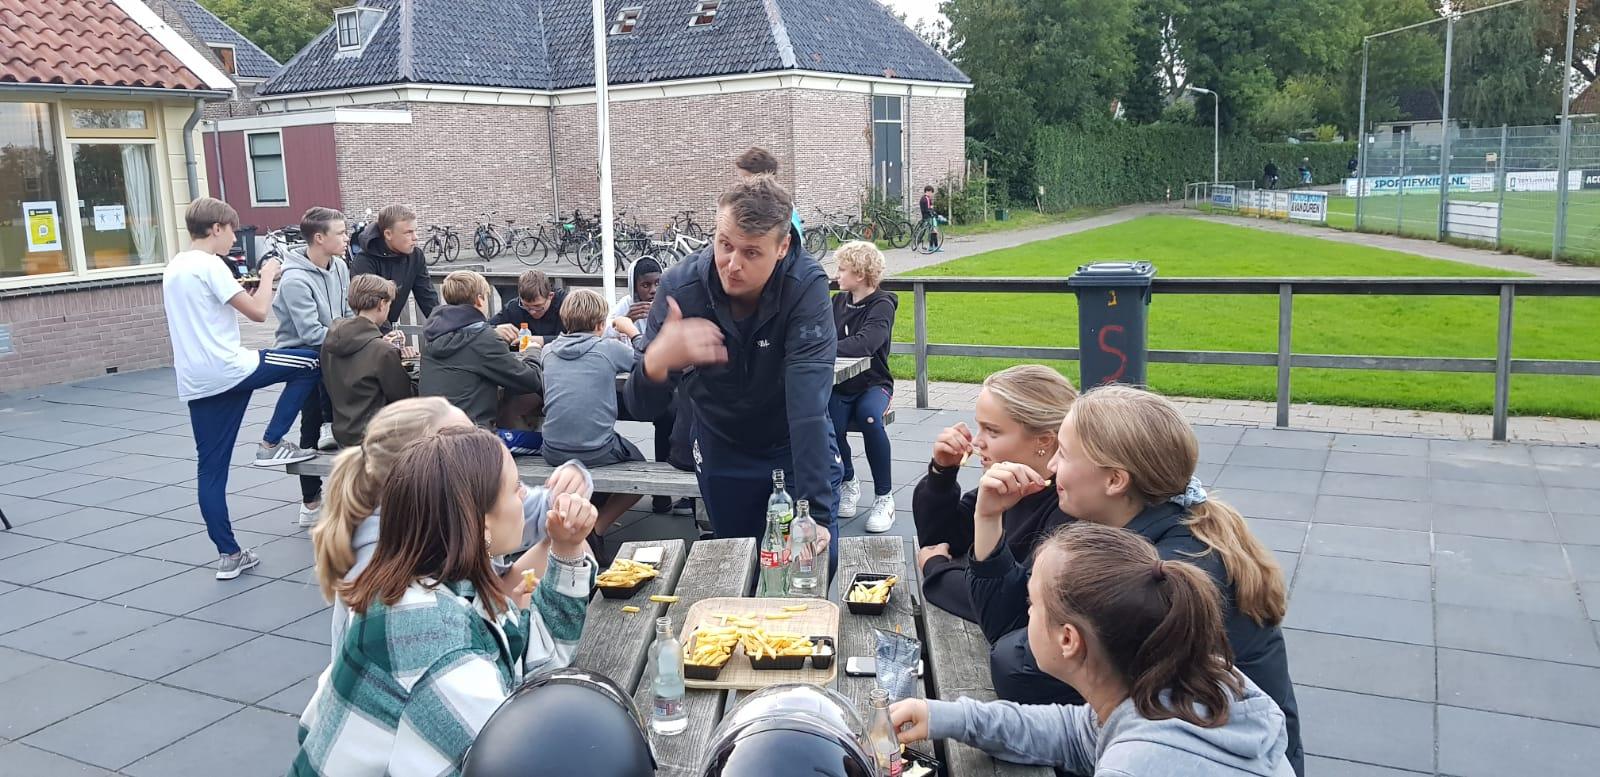 Interne trainersopleiding voor jonge trainers